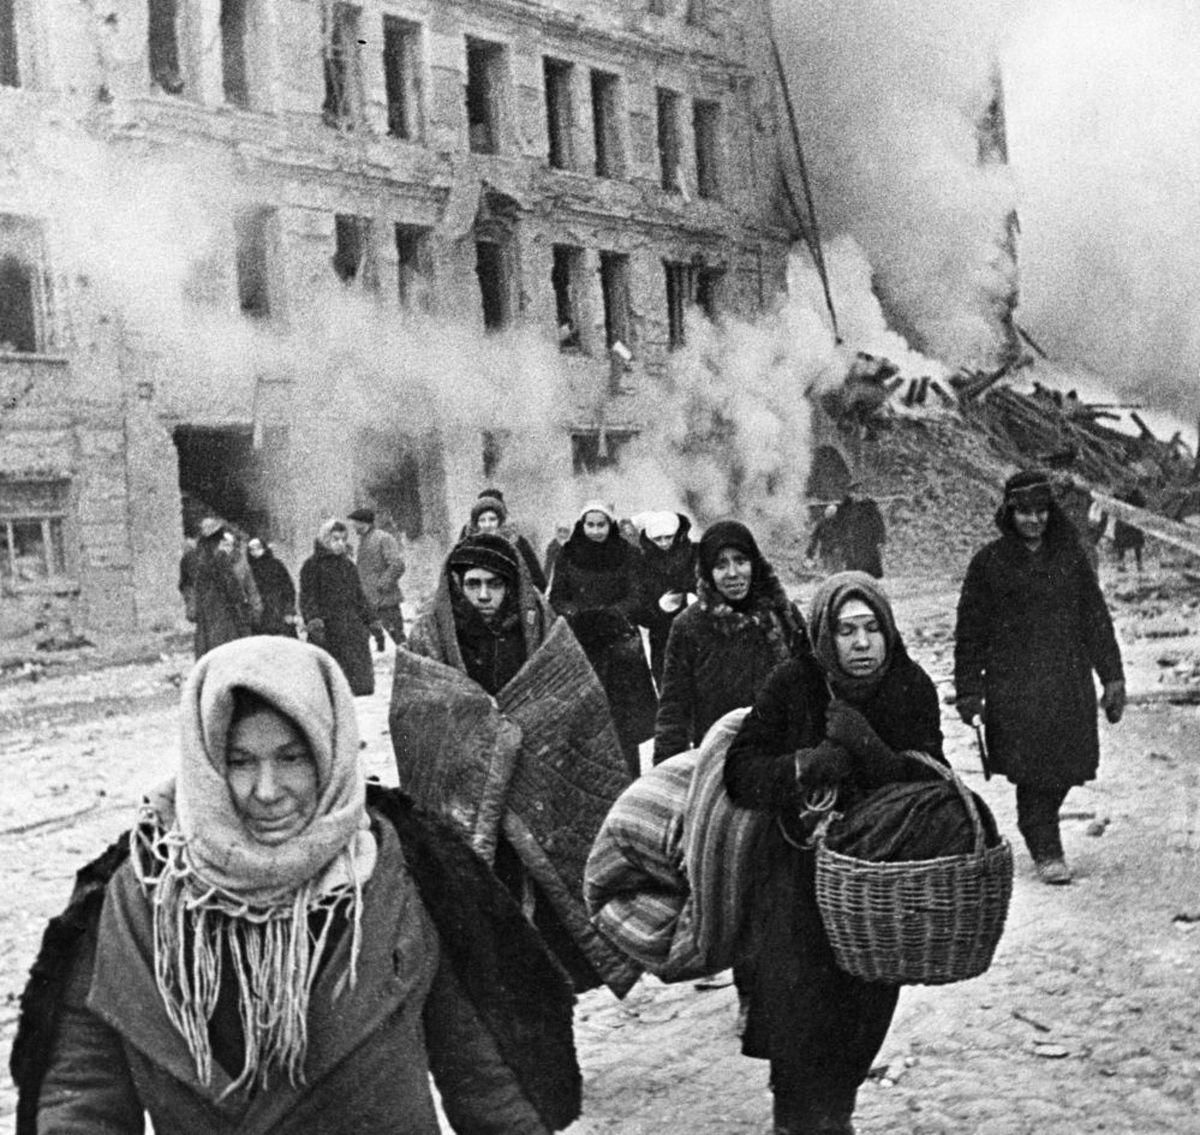 چگونه 11 میلیون نفر در طول دو سال در بهشت کمونیسم جان خود را از دست دادند؟ | قحطی بزرگ